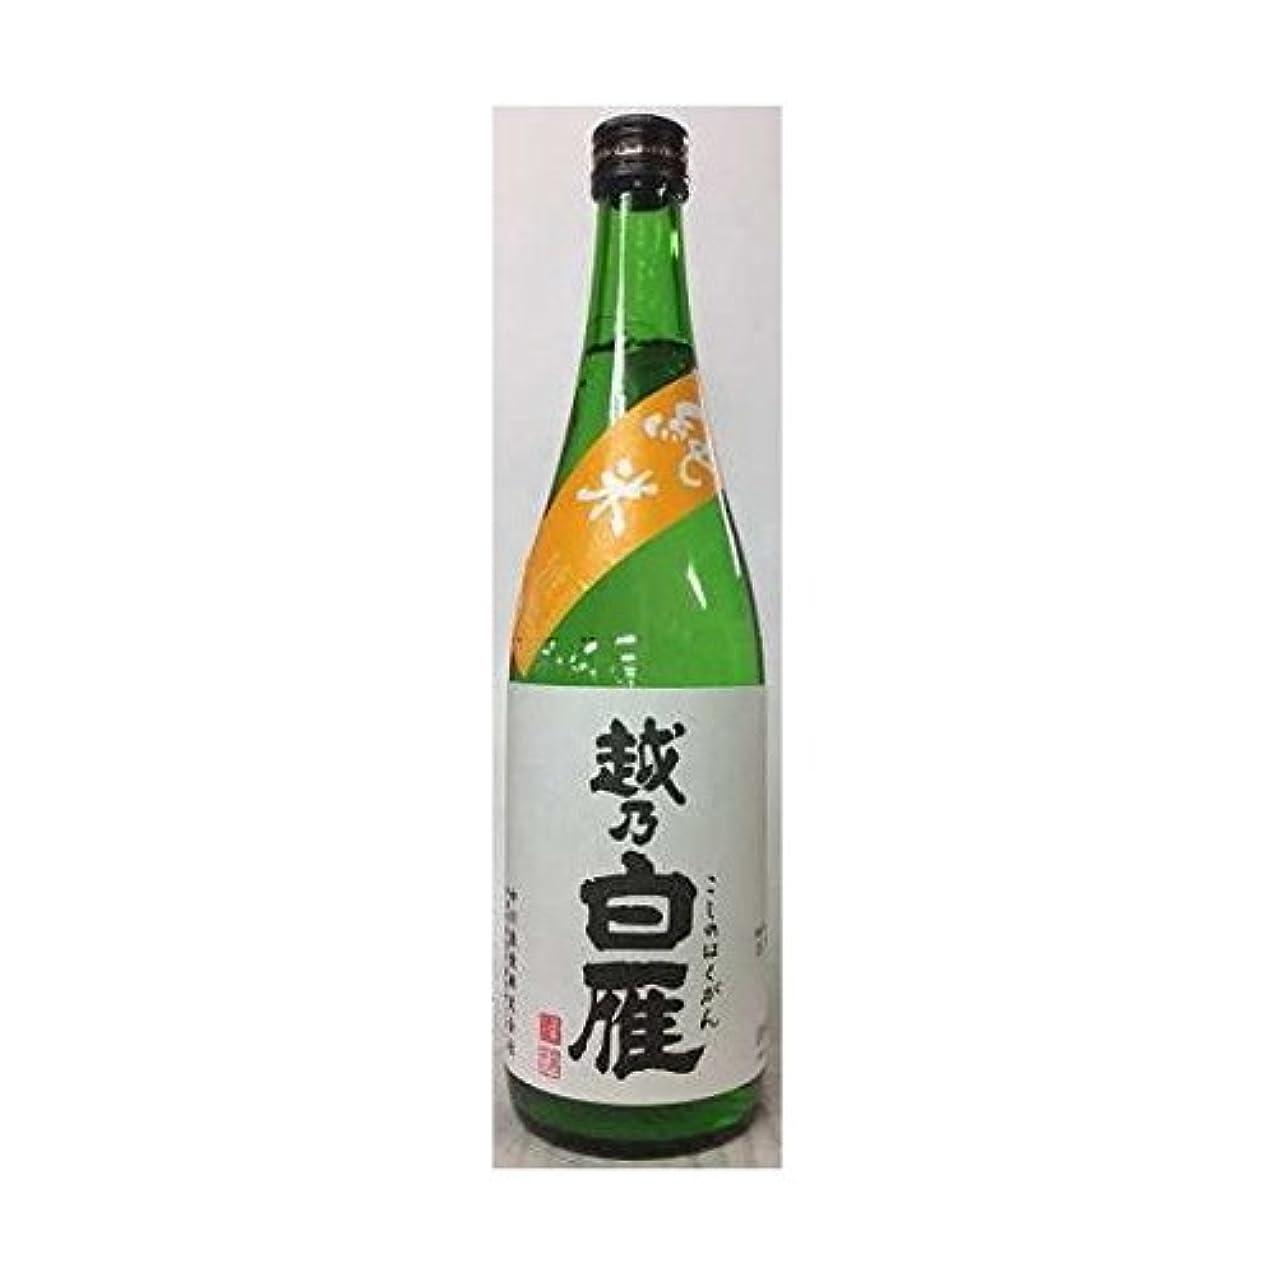 孤独親愛な勢い越乃白雁「五百万石?純米酒」720ml 日本酒 中川酒造